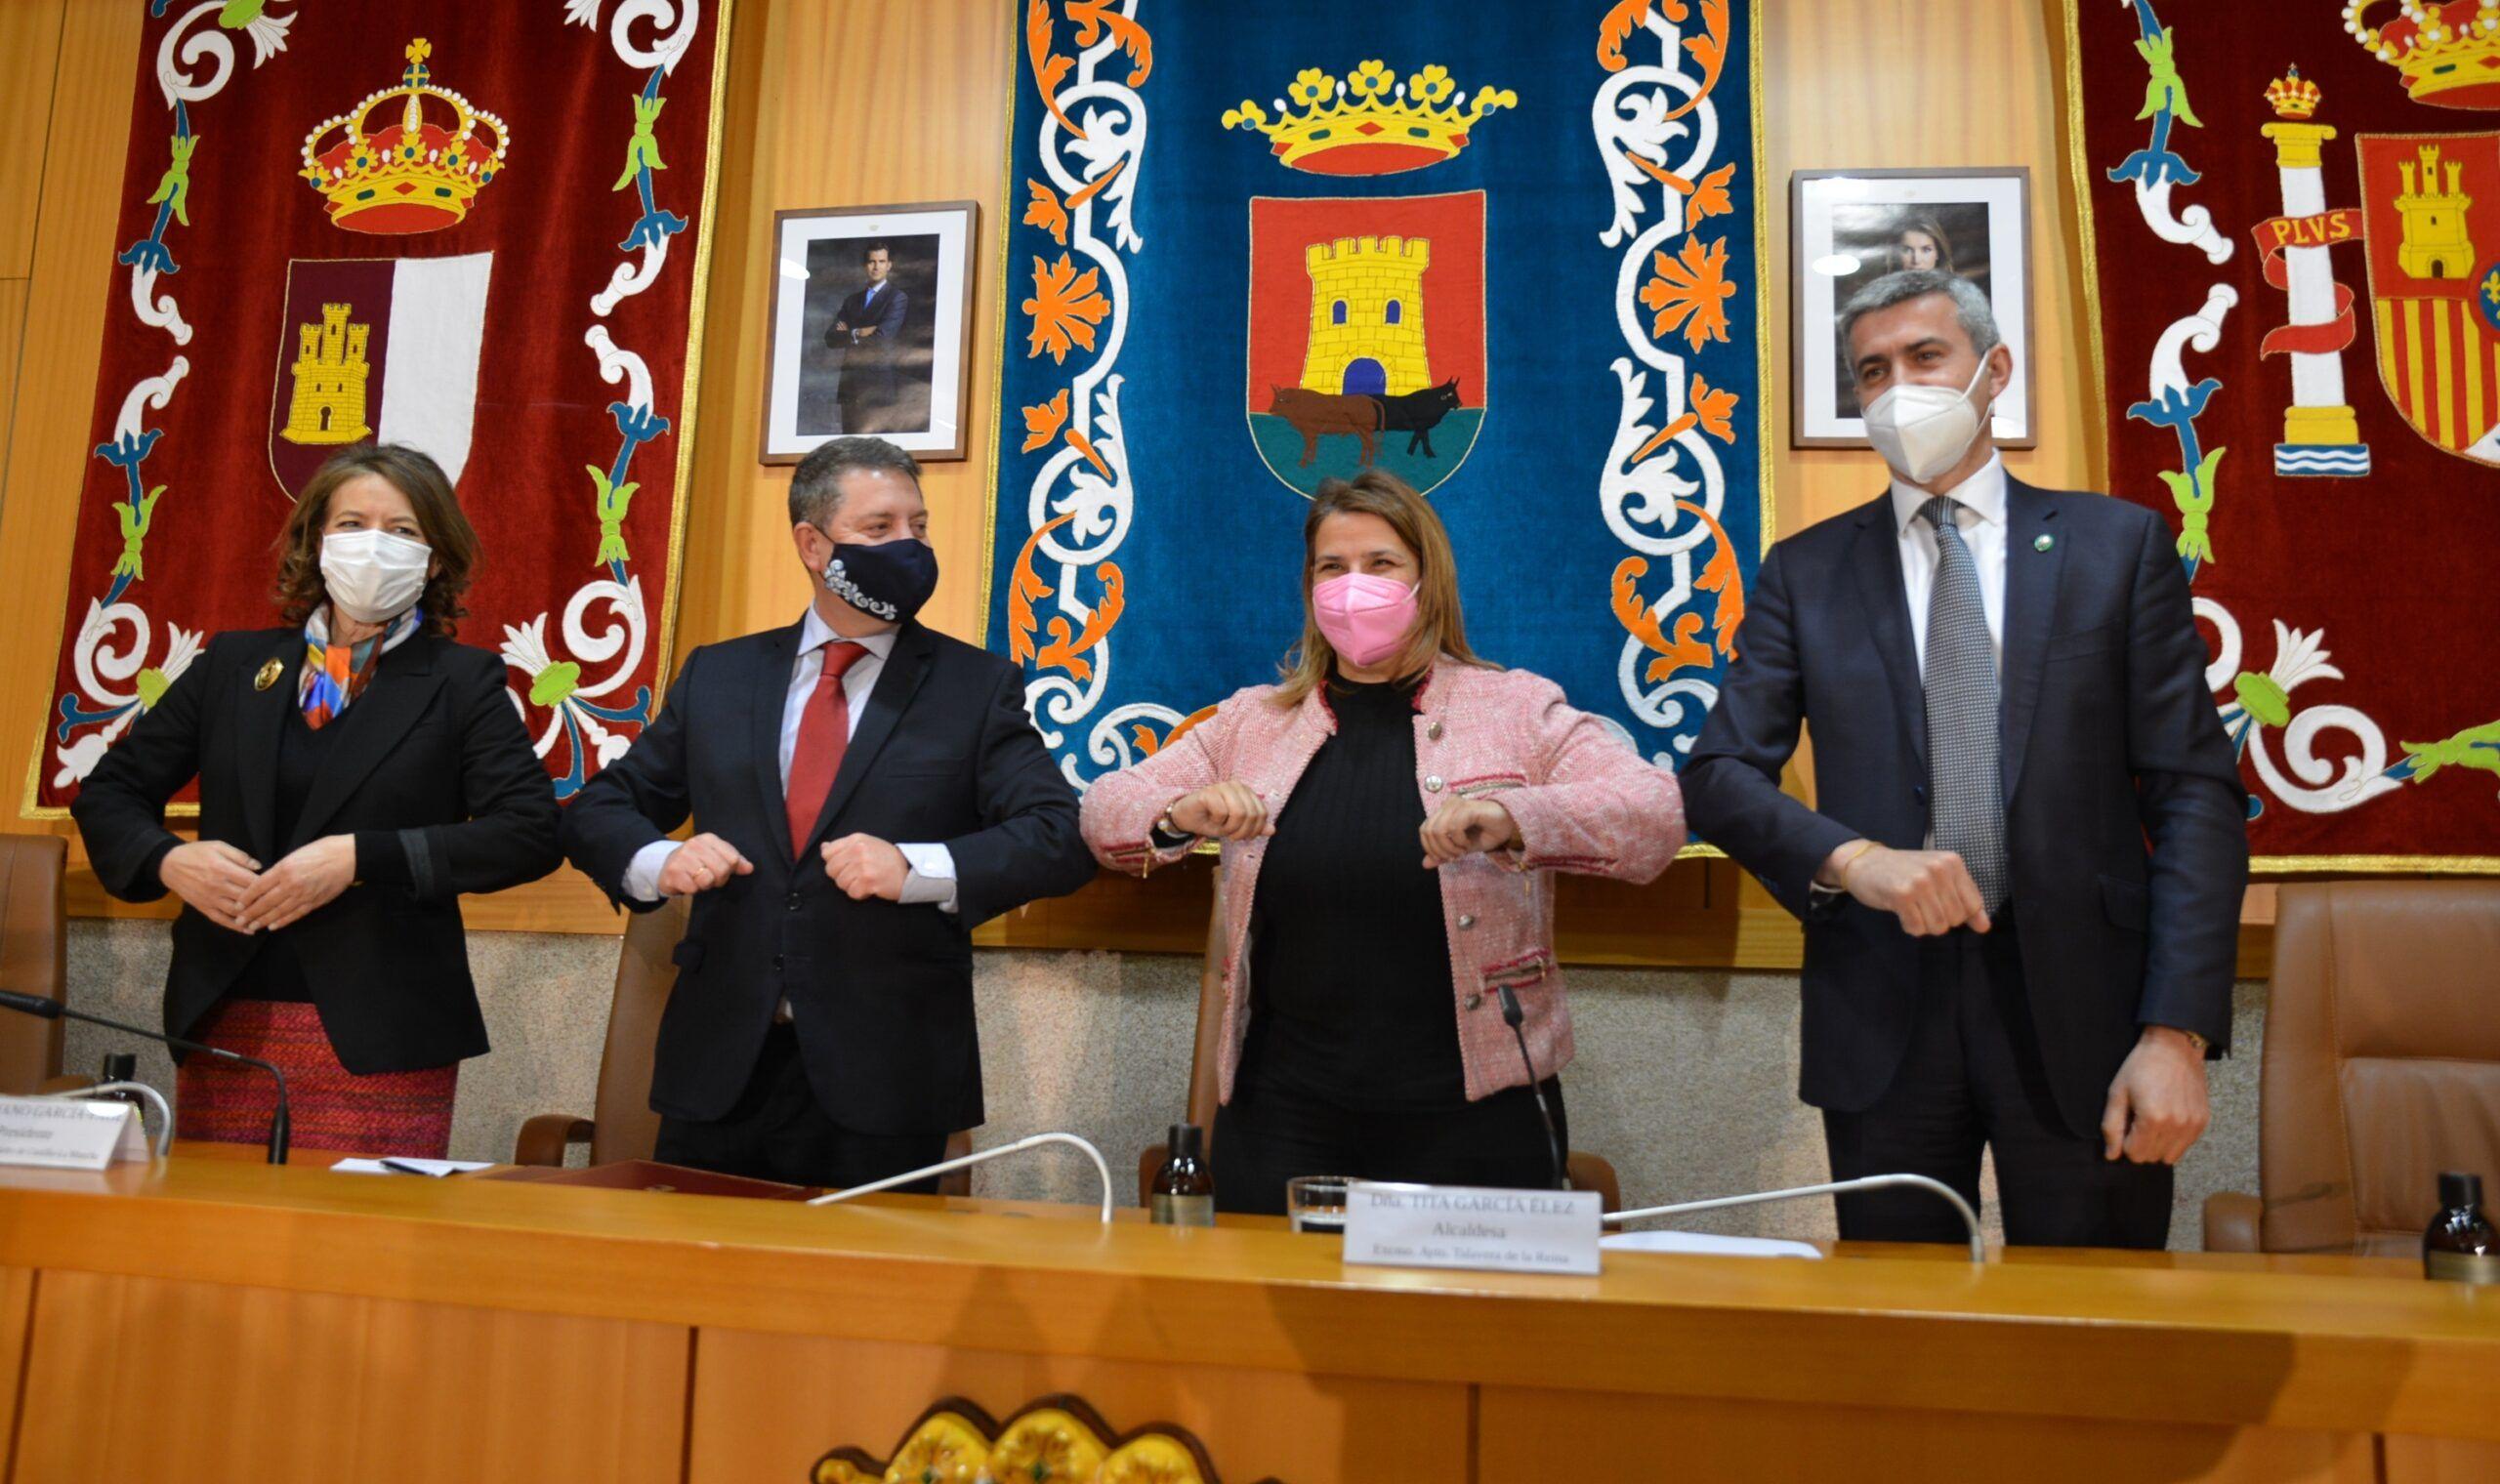 Álvaro Gutiérrez anuncia el incremento a 600.000 euros de las ayudas de este año para situaciones de vulnerabilidad infantil